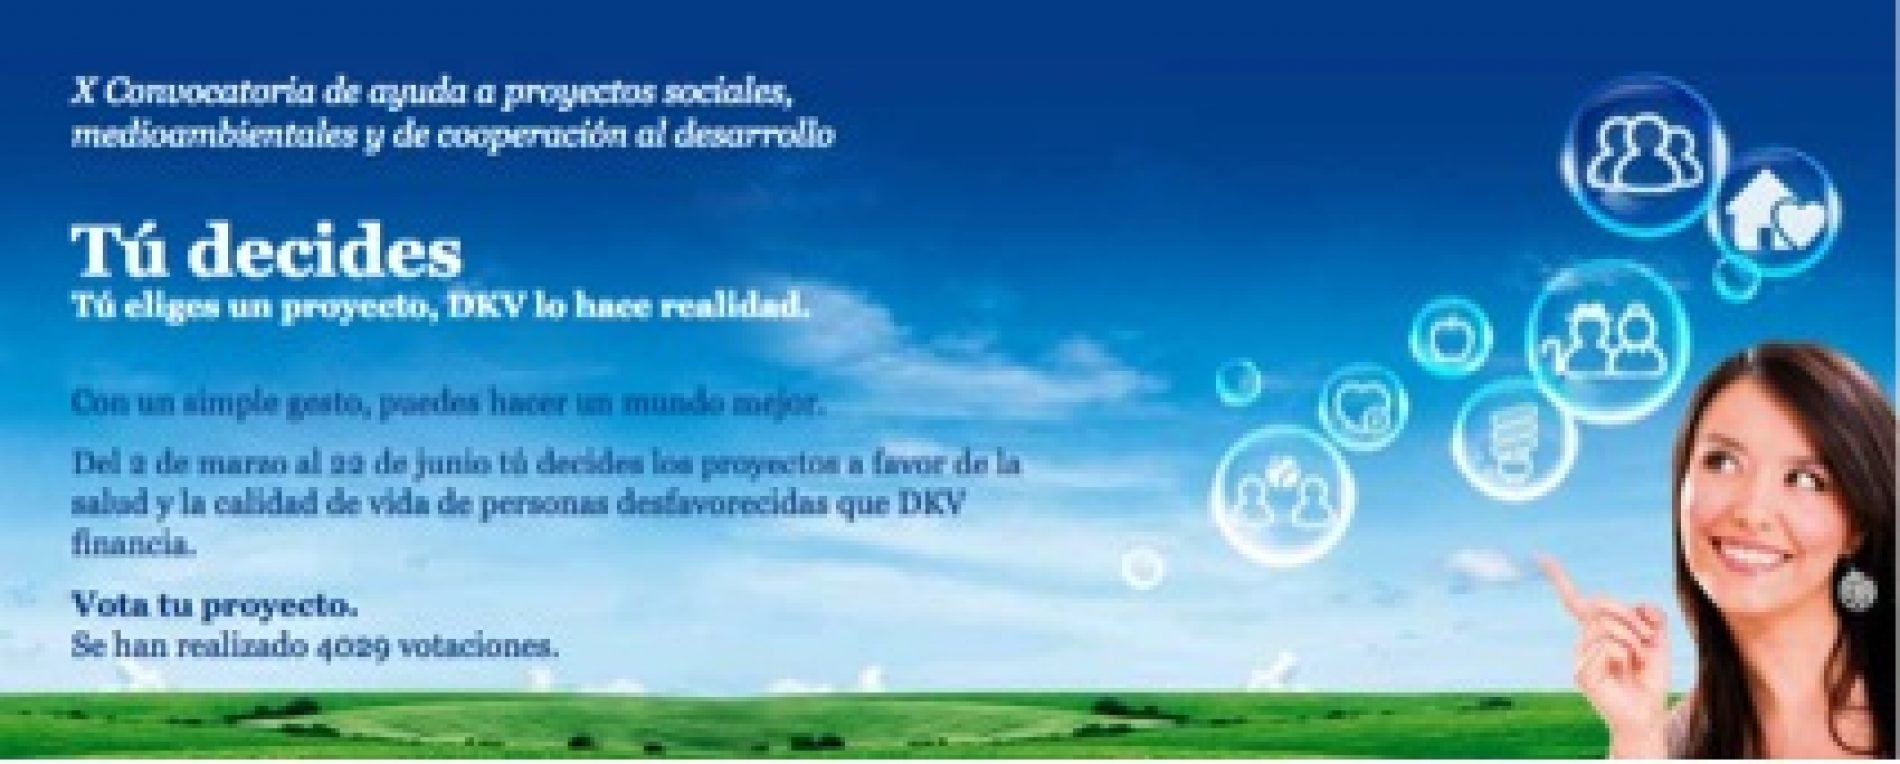 X Convocatòria d'Ajut a Projectes Socials, Mediambientals i de Cooperació al Desenvolupament